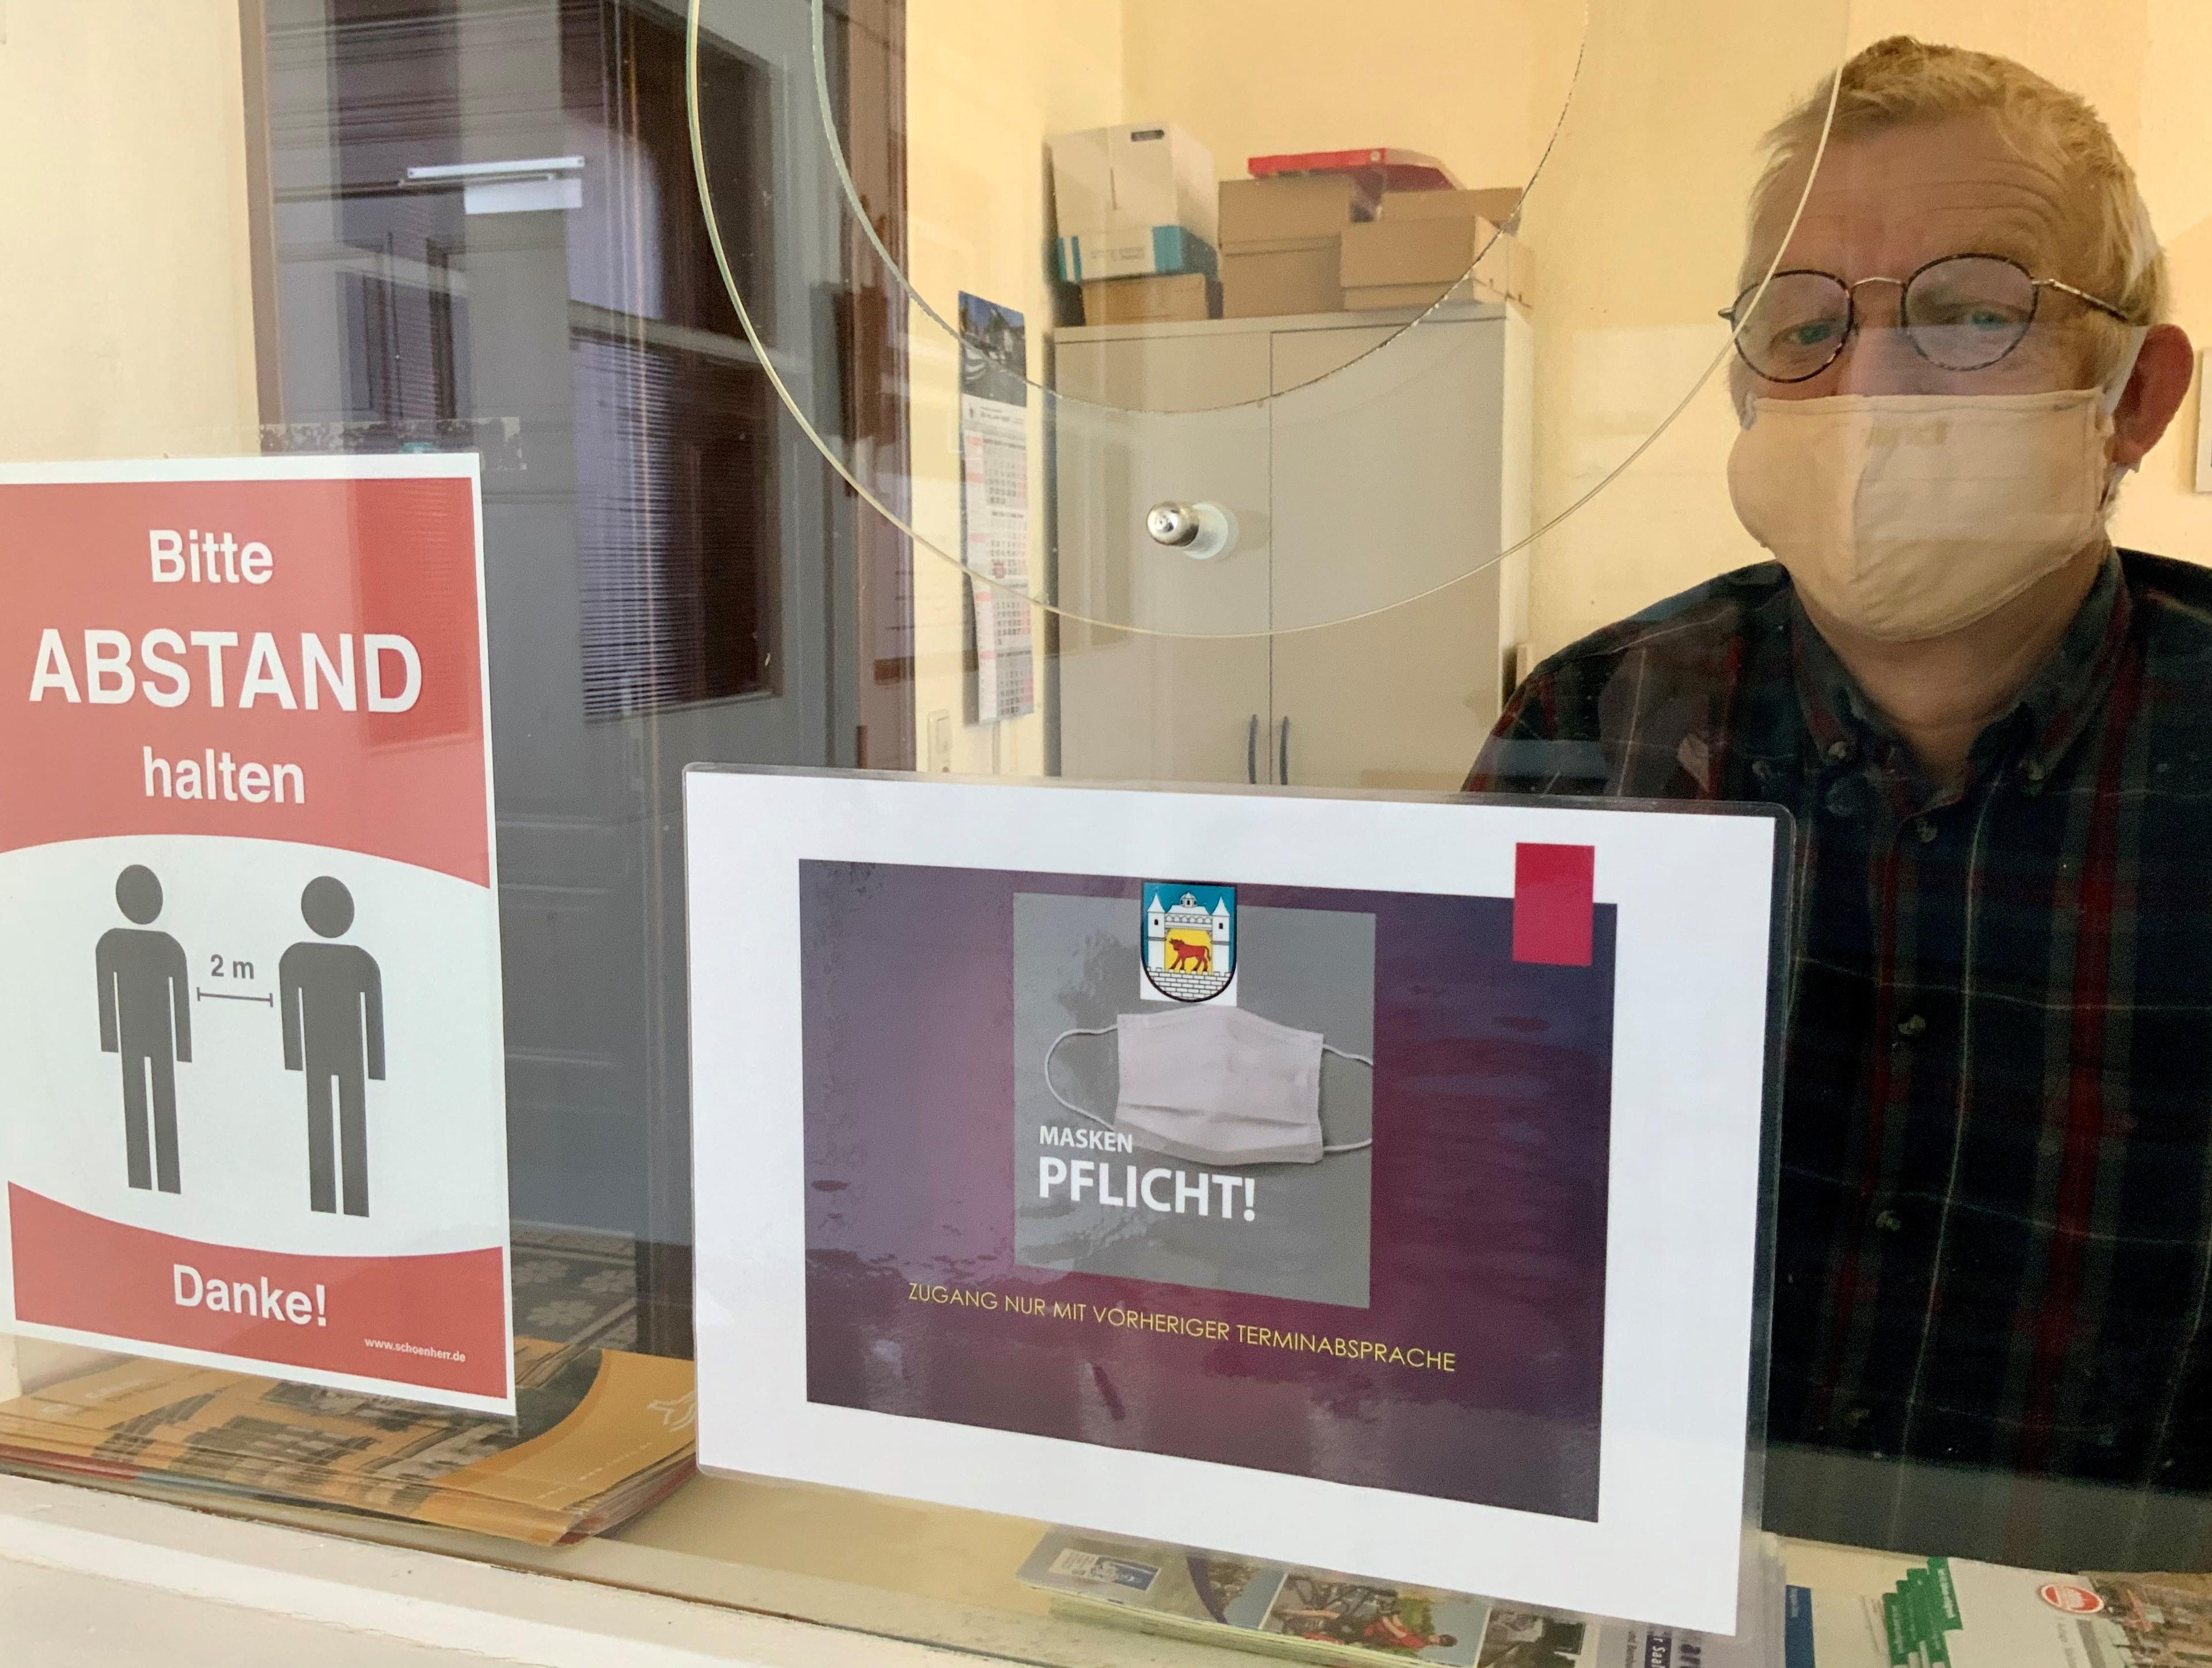 Rüdiger Schwachenwalde, Mitarbeiter der Stadt Calbe, empfängt die Besucher in der Eingangszone  im Rathaus I und informiert über die Verfahrensweise.